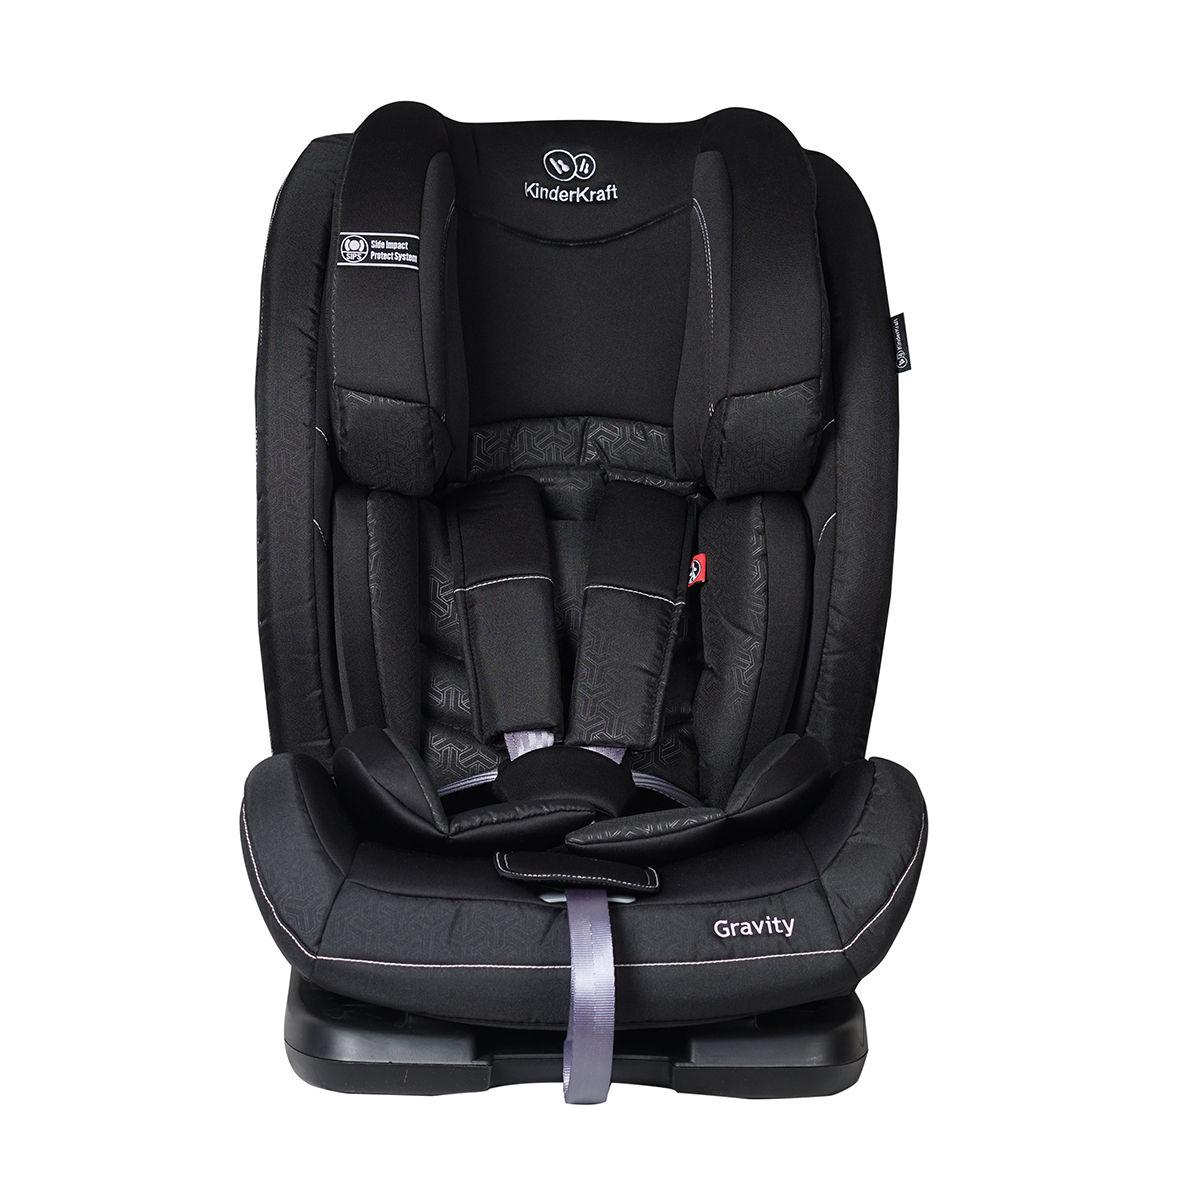 kinder autositz gravity 9 36 kg. Black Bedroom Furniture Sets. Home Design Ideas